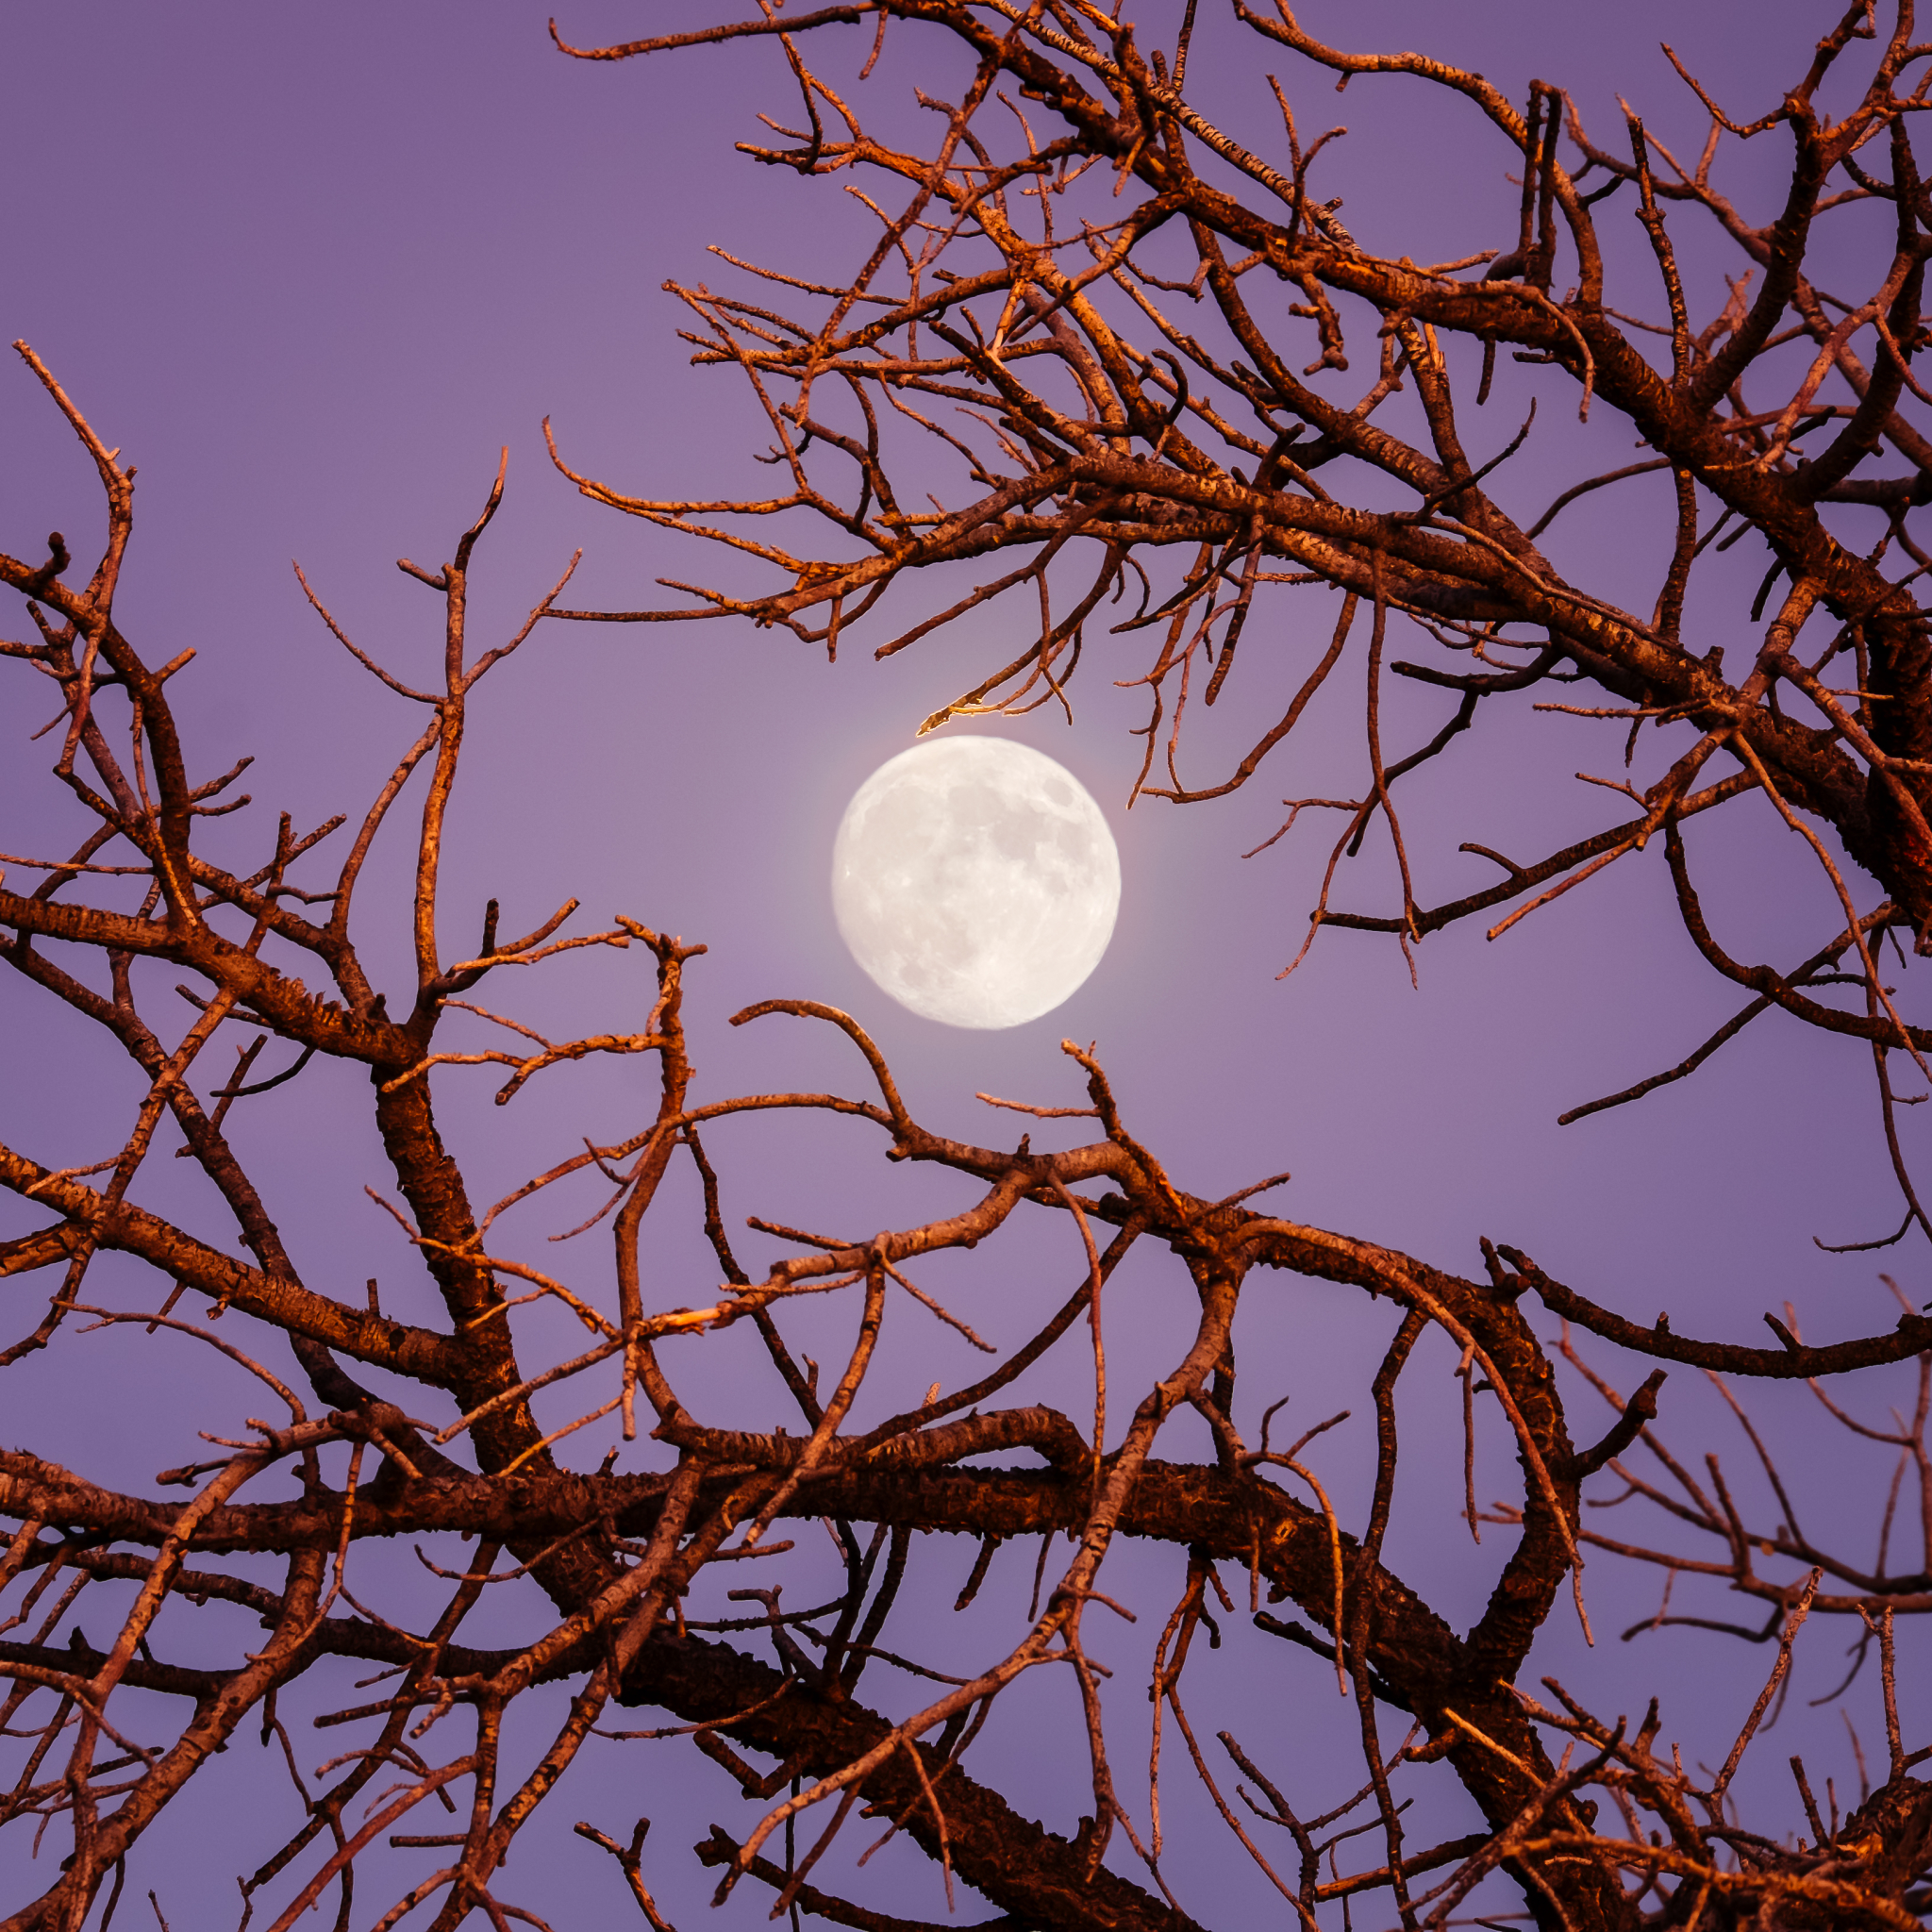 только весенняя луна картинки есть, при одном